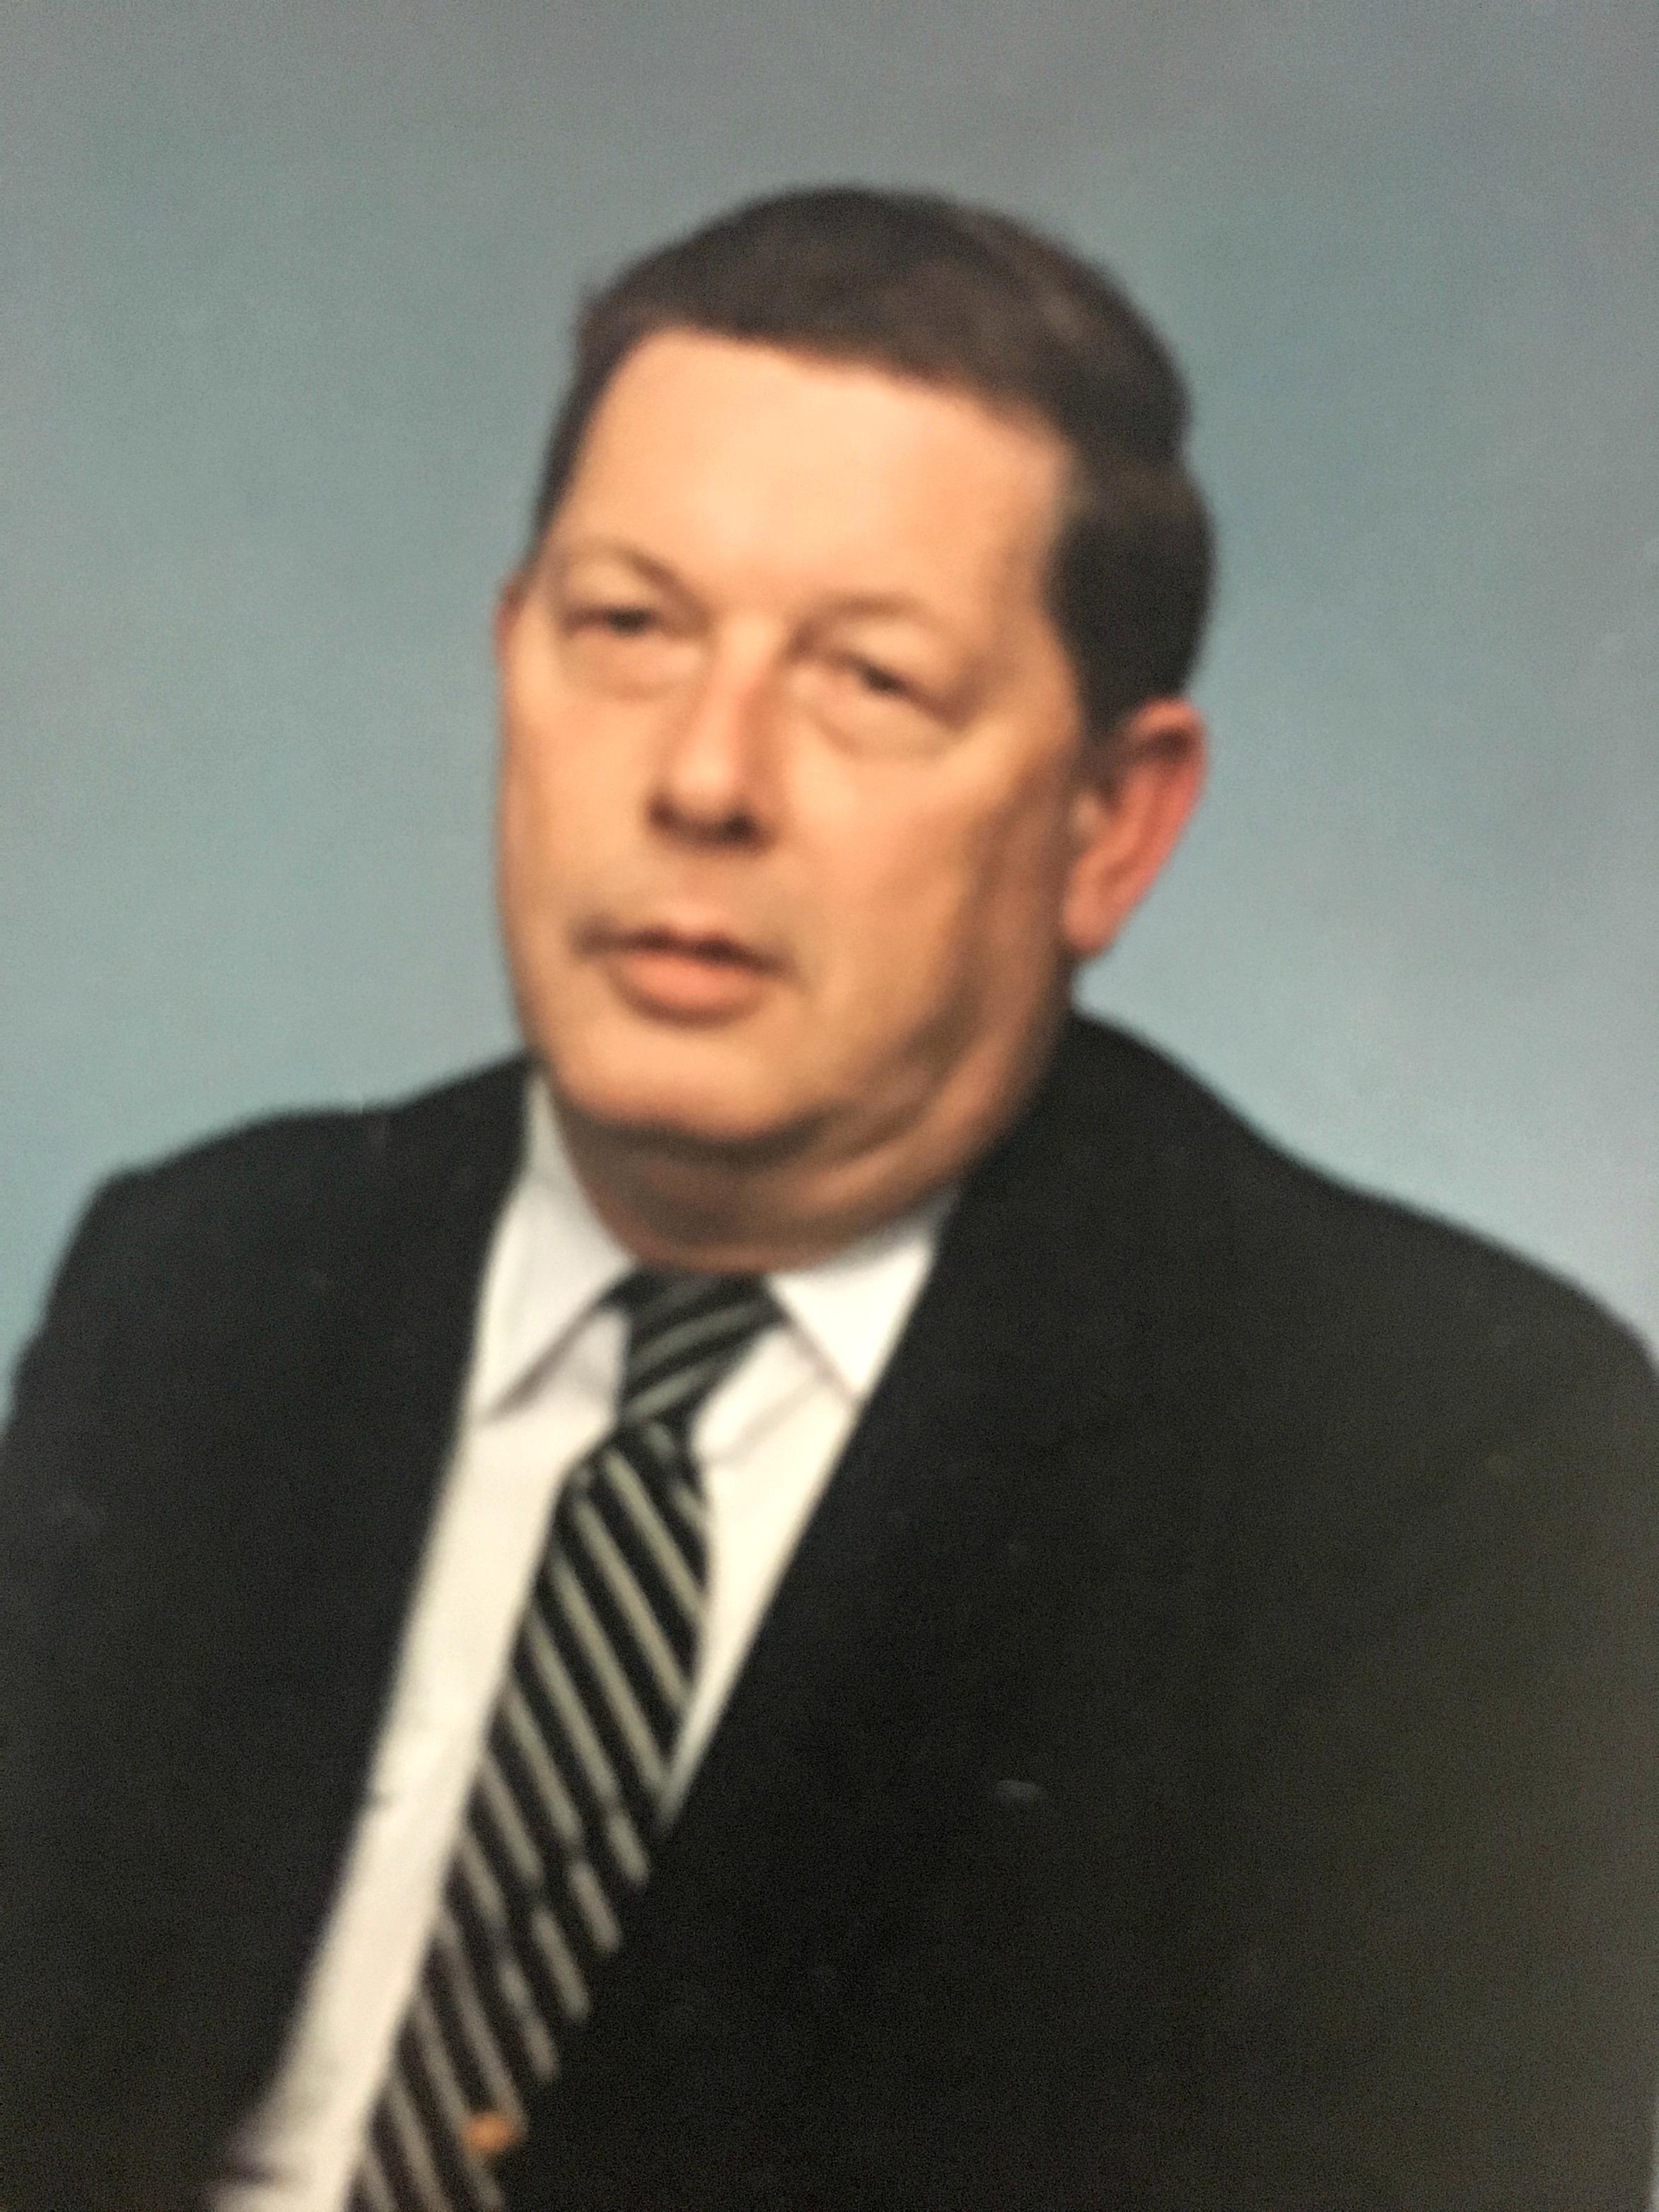 Earl Martin